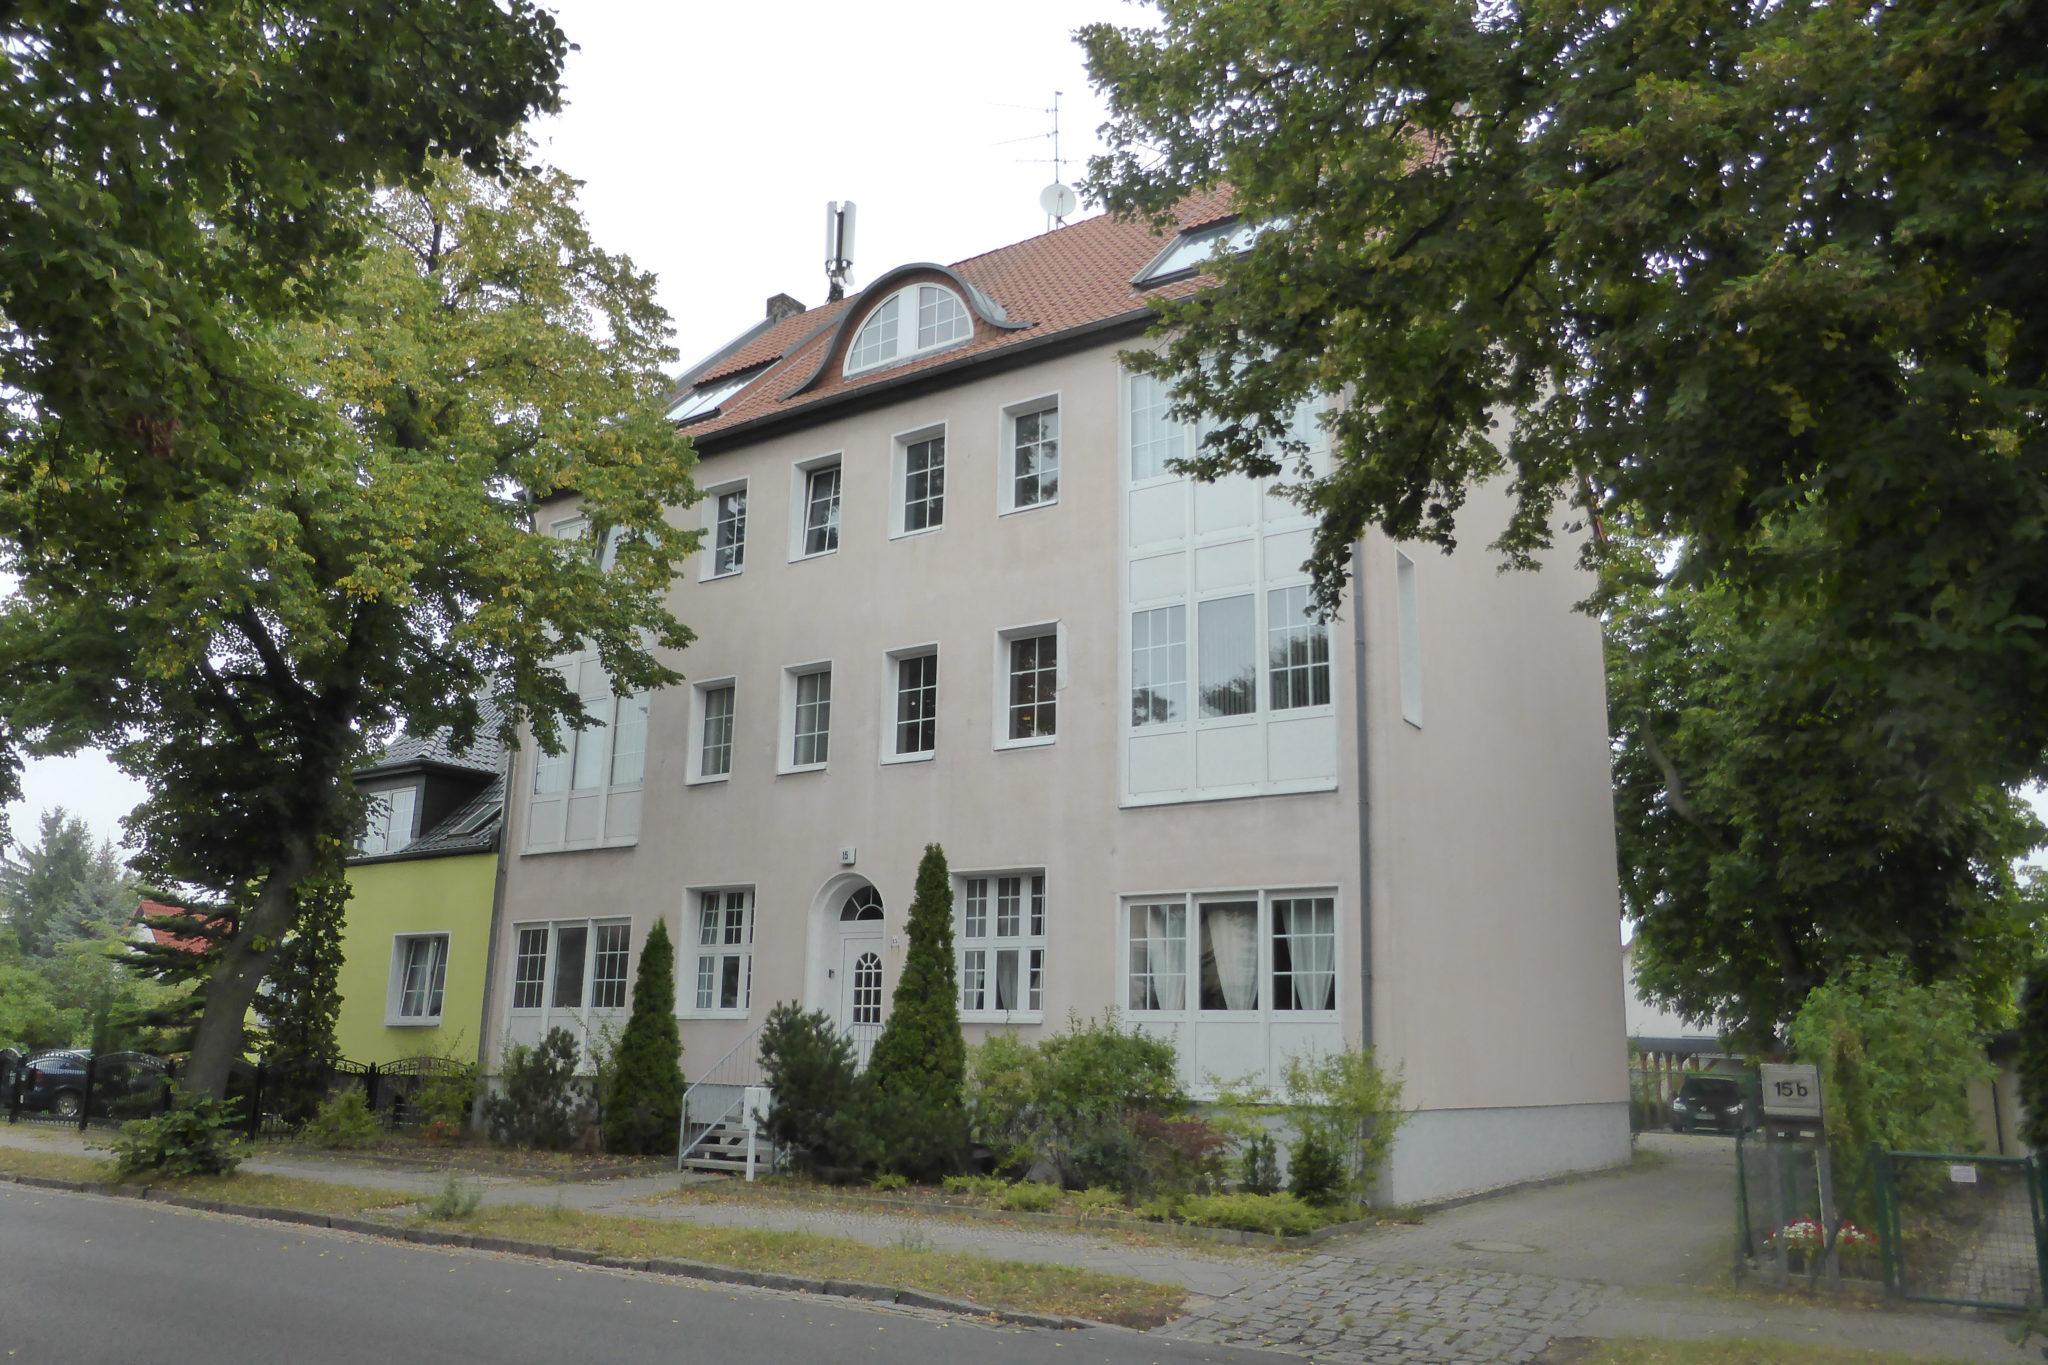 3-Zimmer-Maisonette-Wohnung in Mahlsdorf